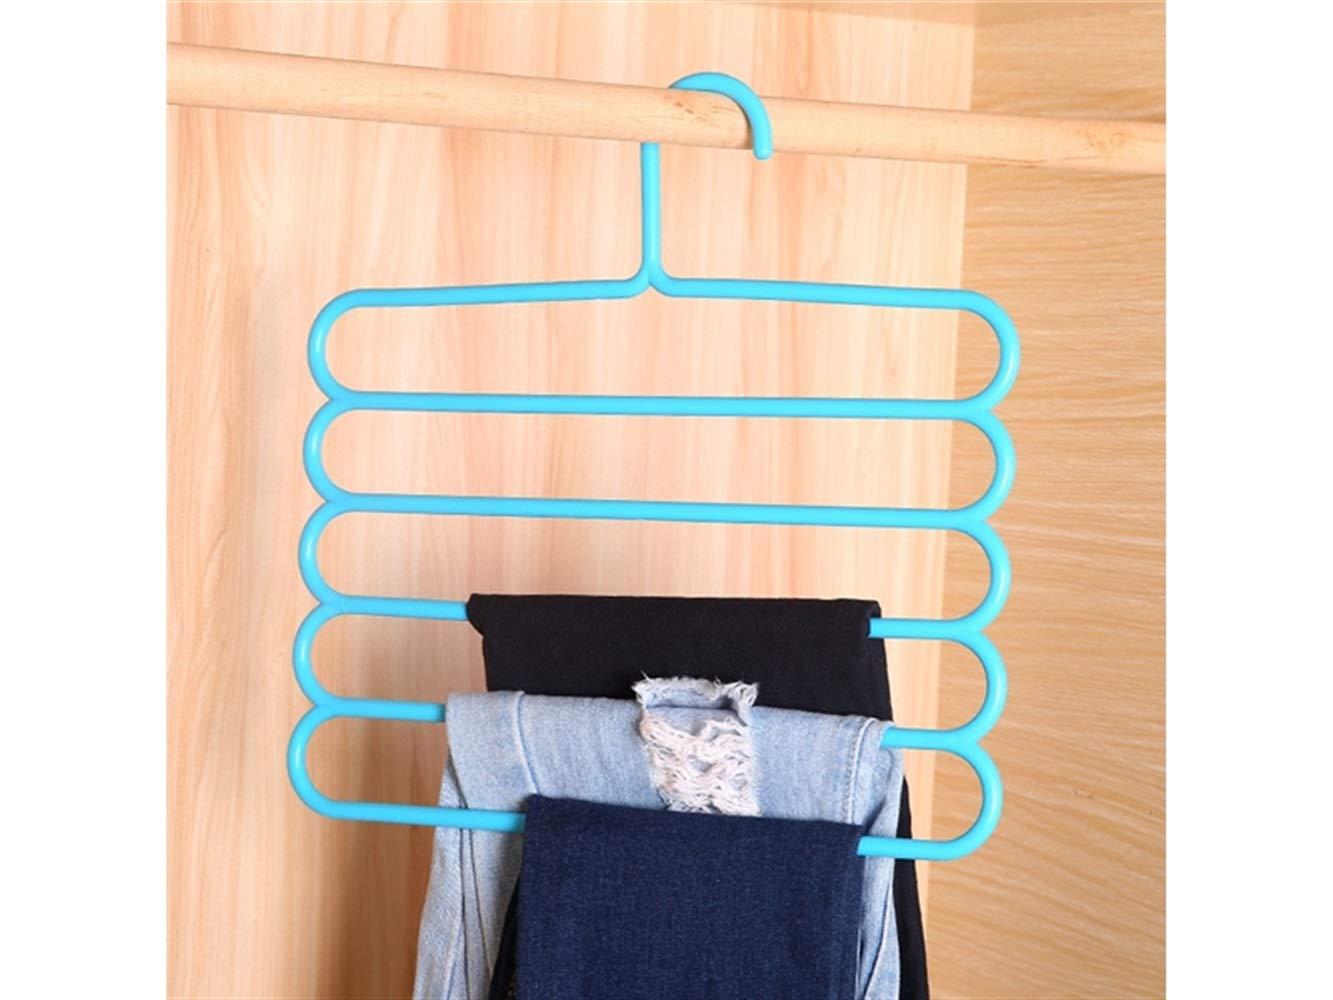 Godlife Calzini appesi Rack Multifunzionale a Cinque Strati Rack stendino Candy Color Plastic Tie Rack di stoccaggio (Blu) Appendiabiti